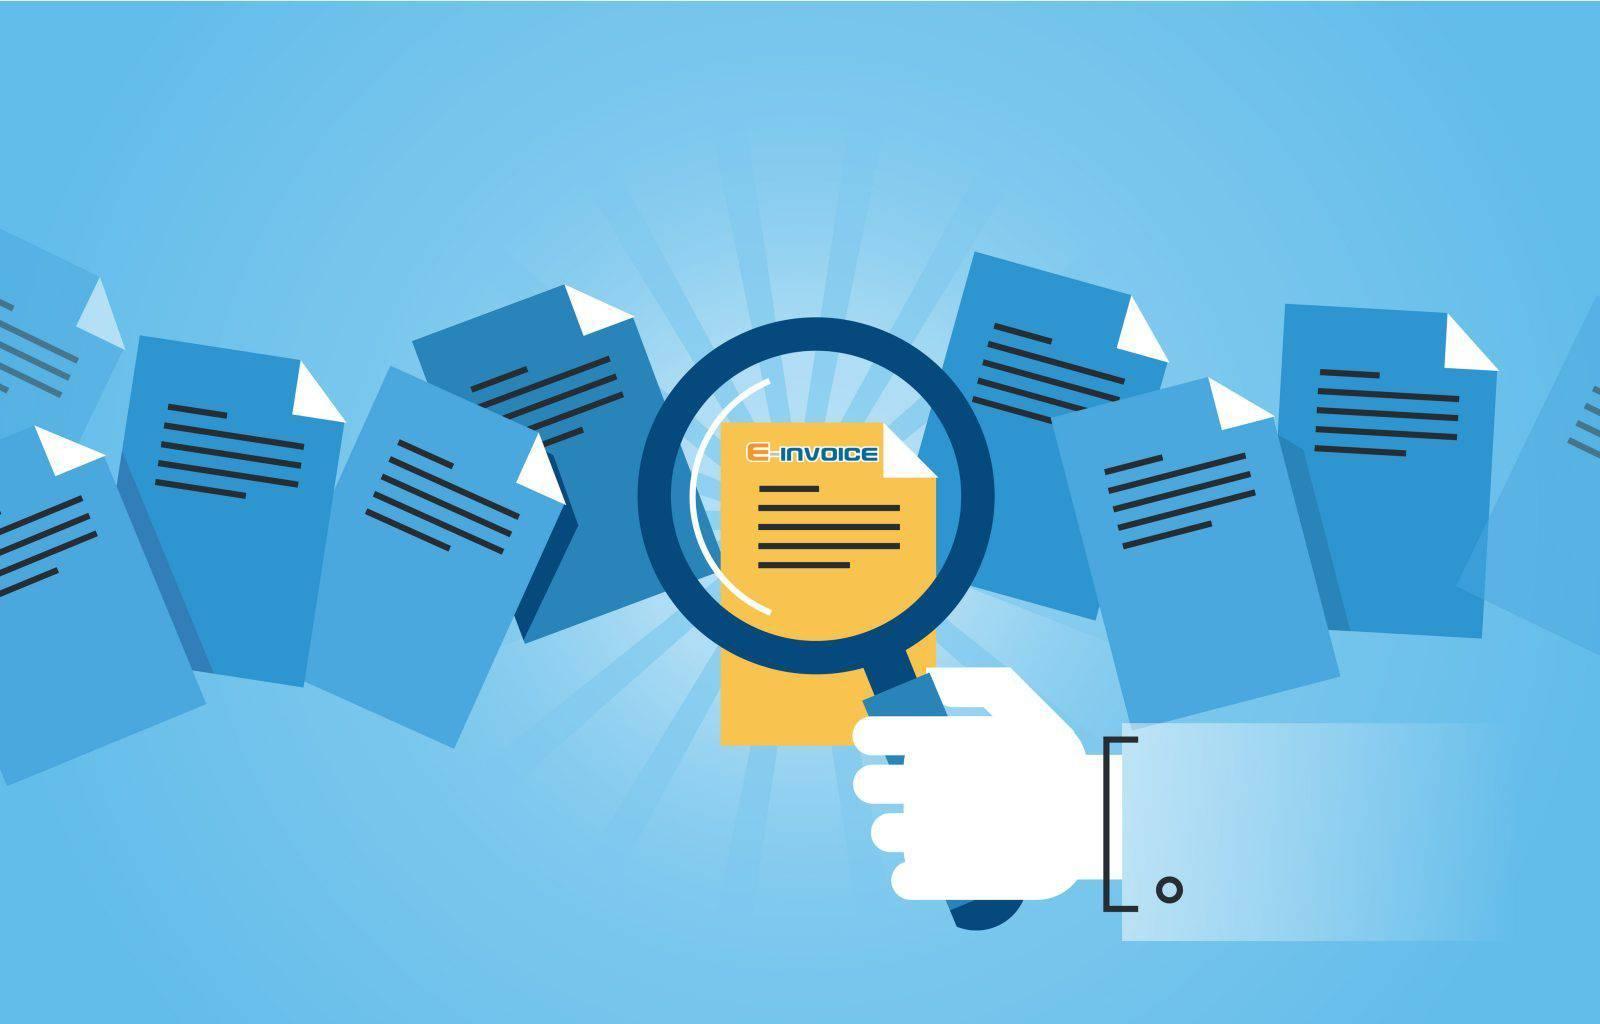 Hướng dẫn cách tra cứu hóa đơn điện tử GTGT hợp pháp